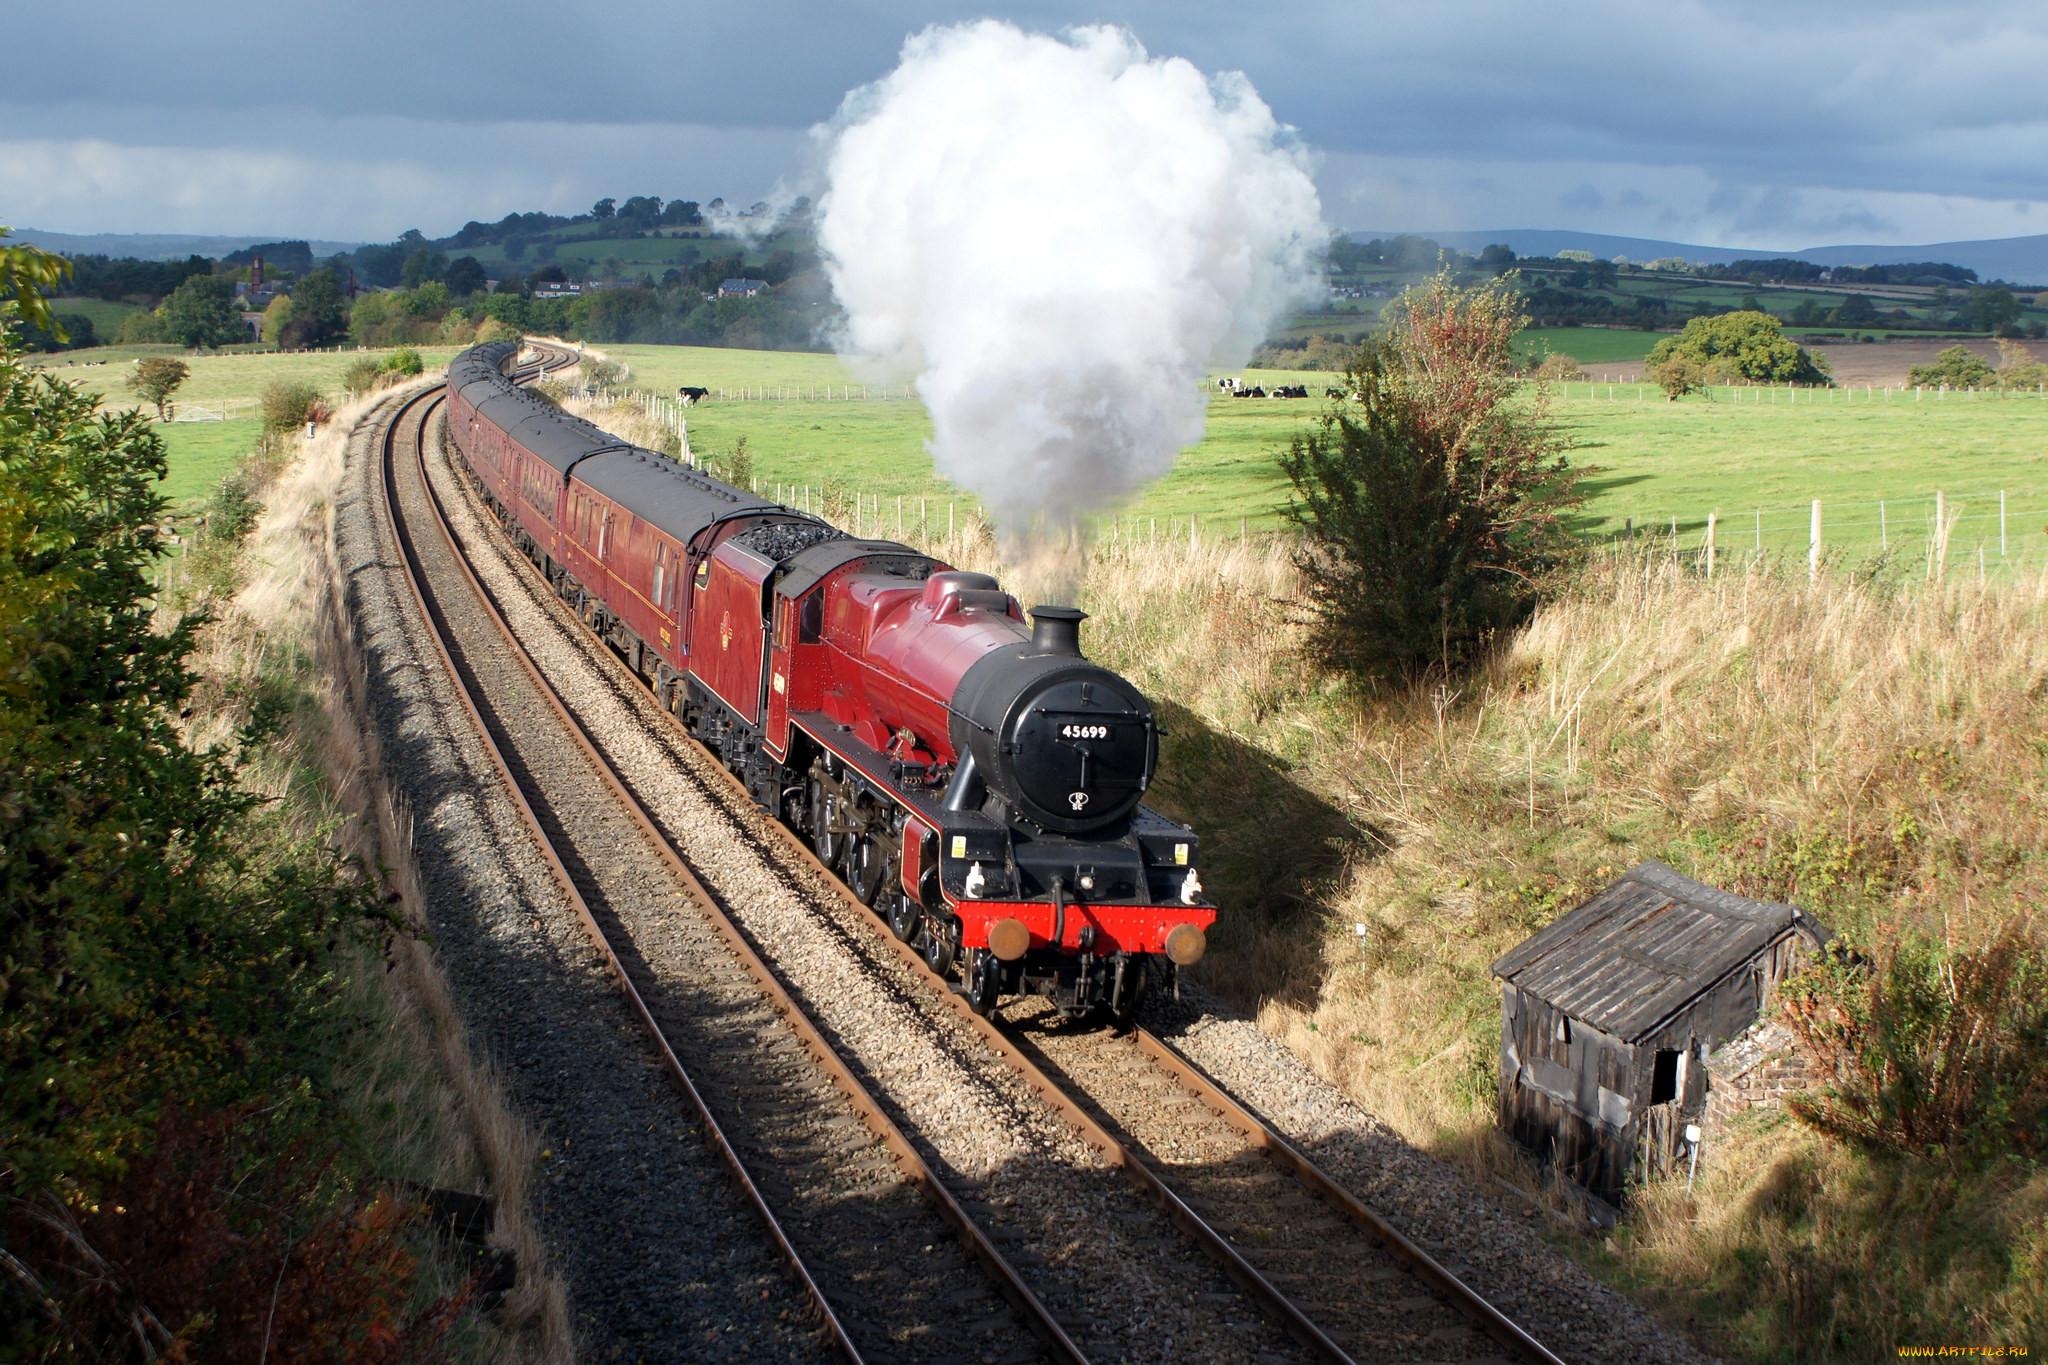 картинки с поездами и железными дорогами благодарна всем